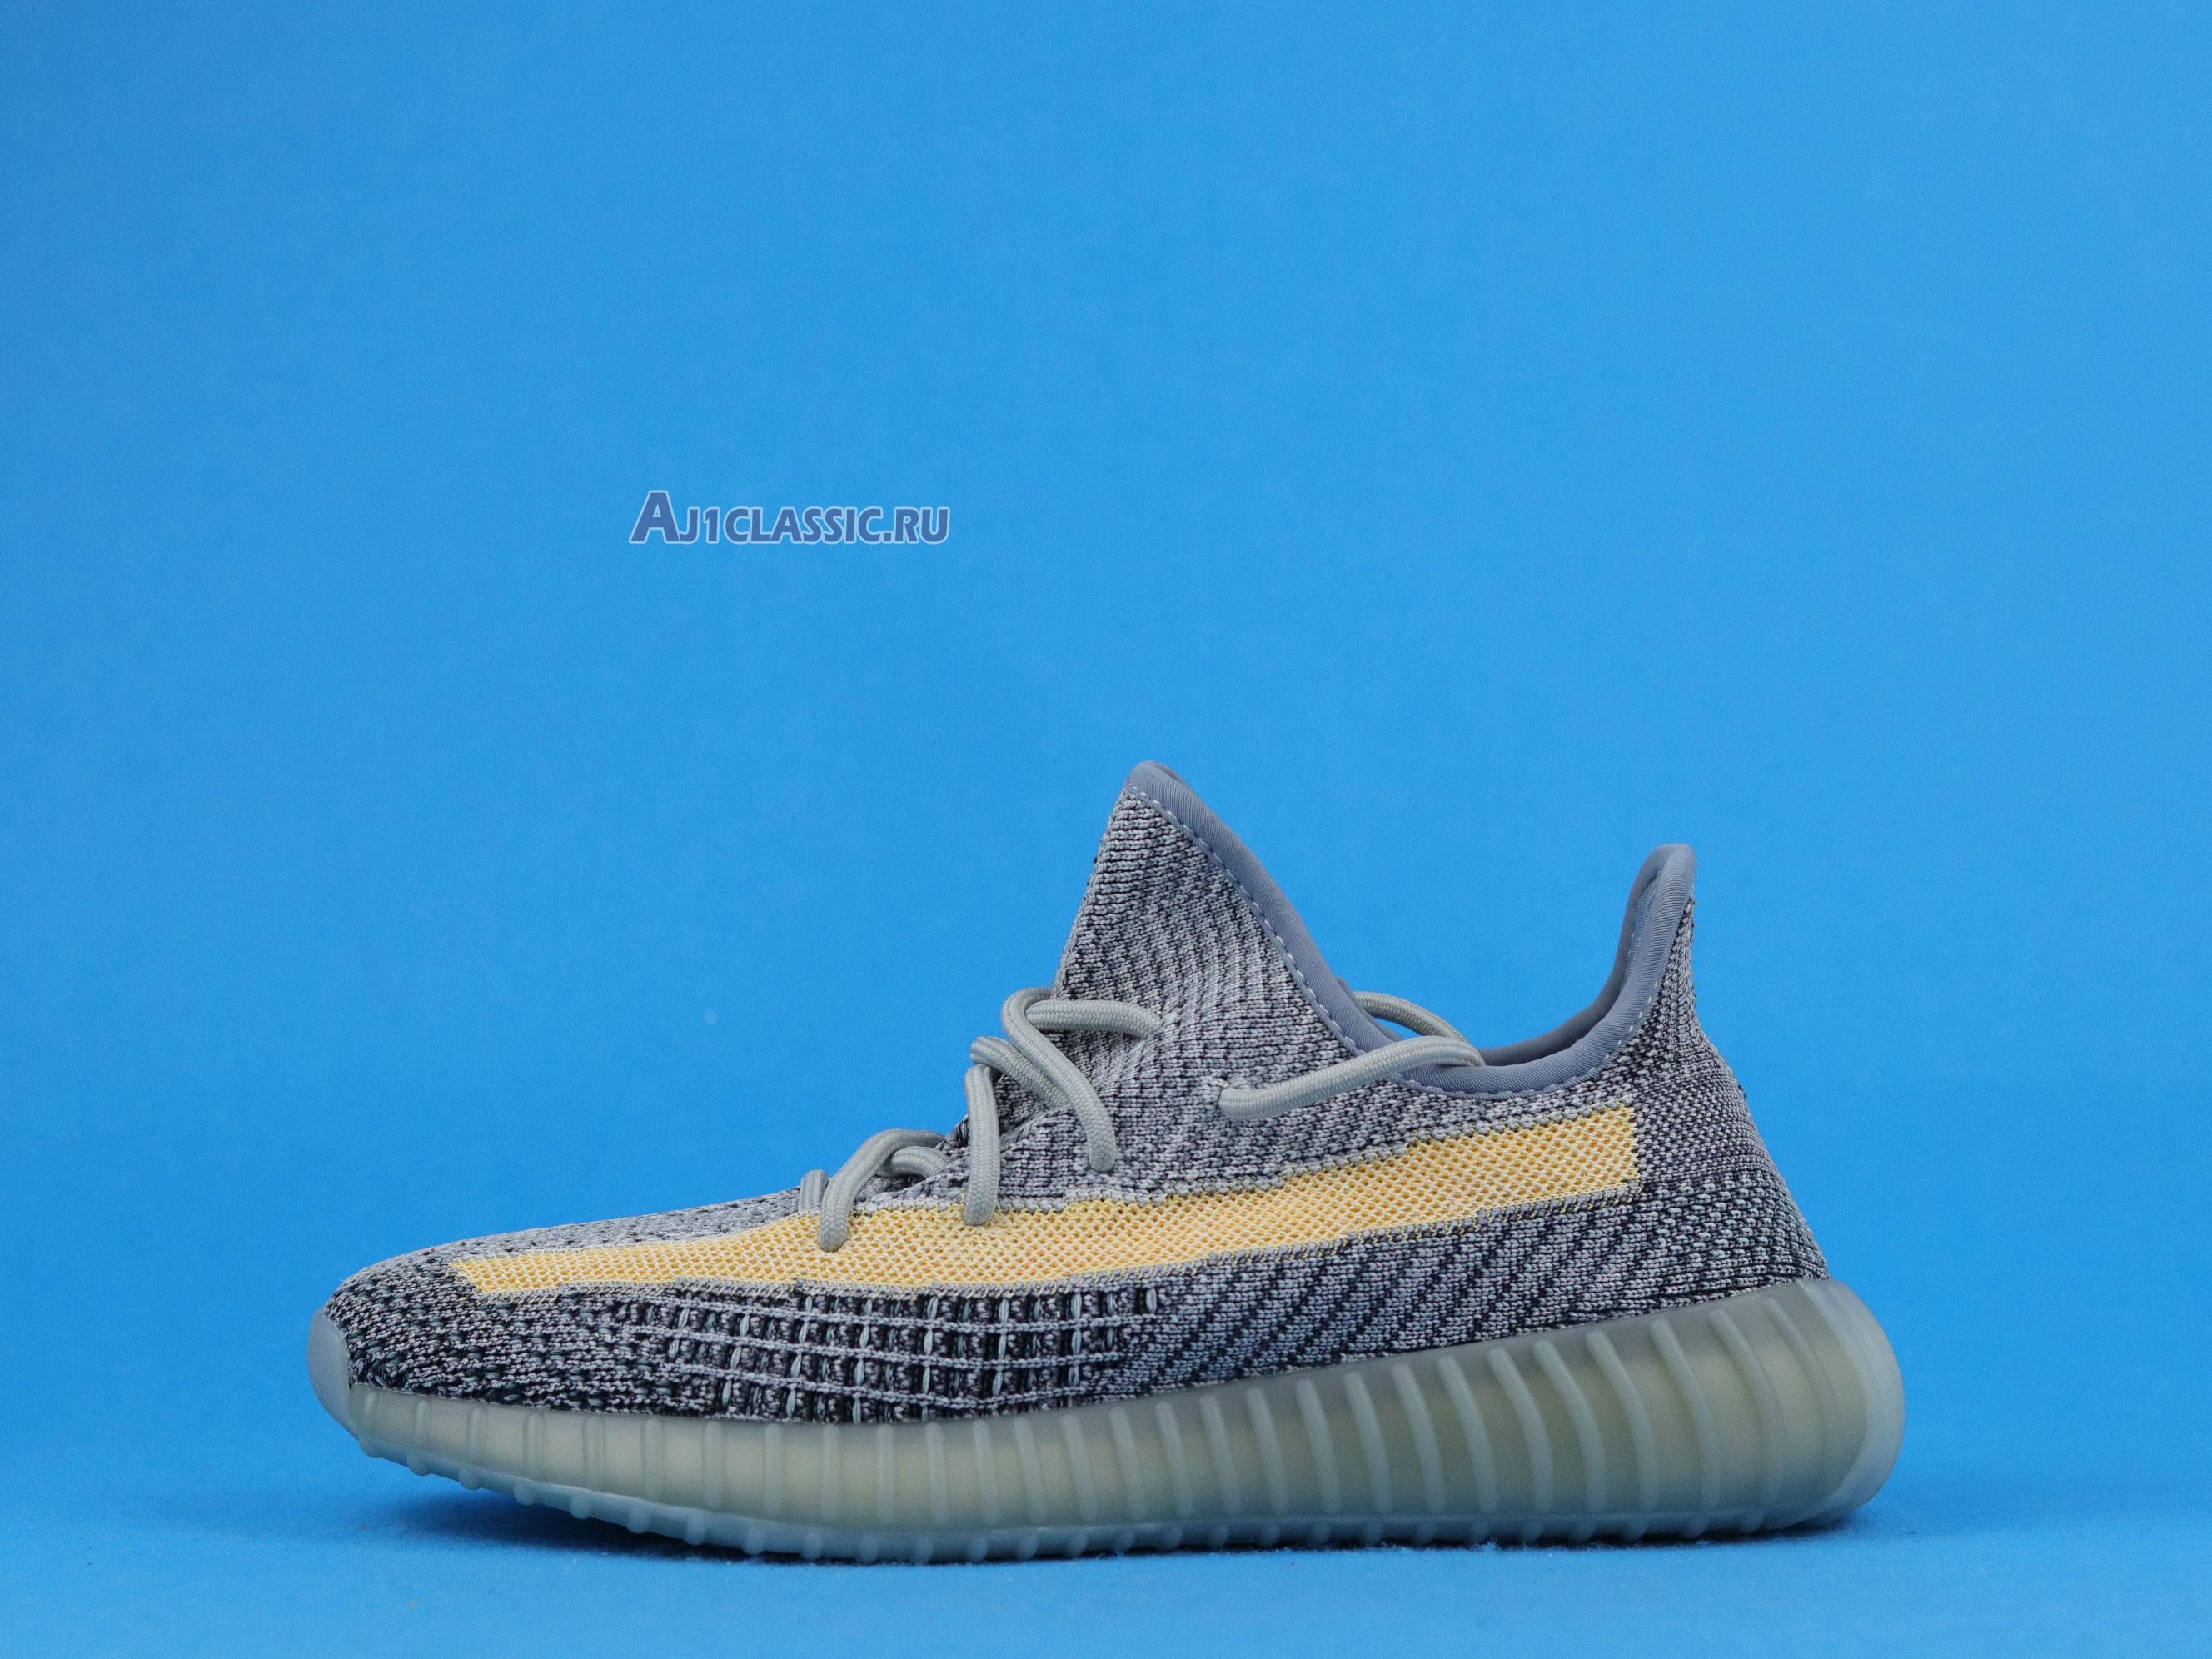 """Adidas Yeezy Boost 350 V2 """"Ash Blue"""" GY7657"""